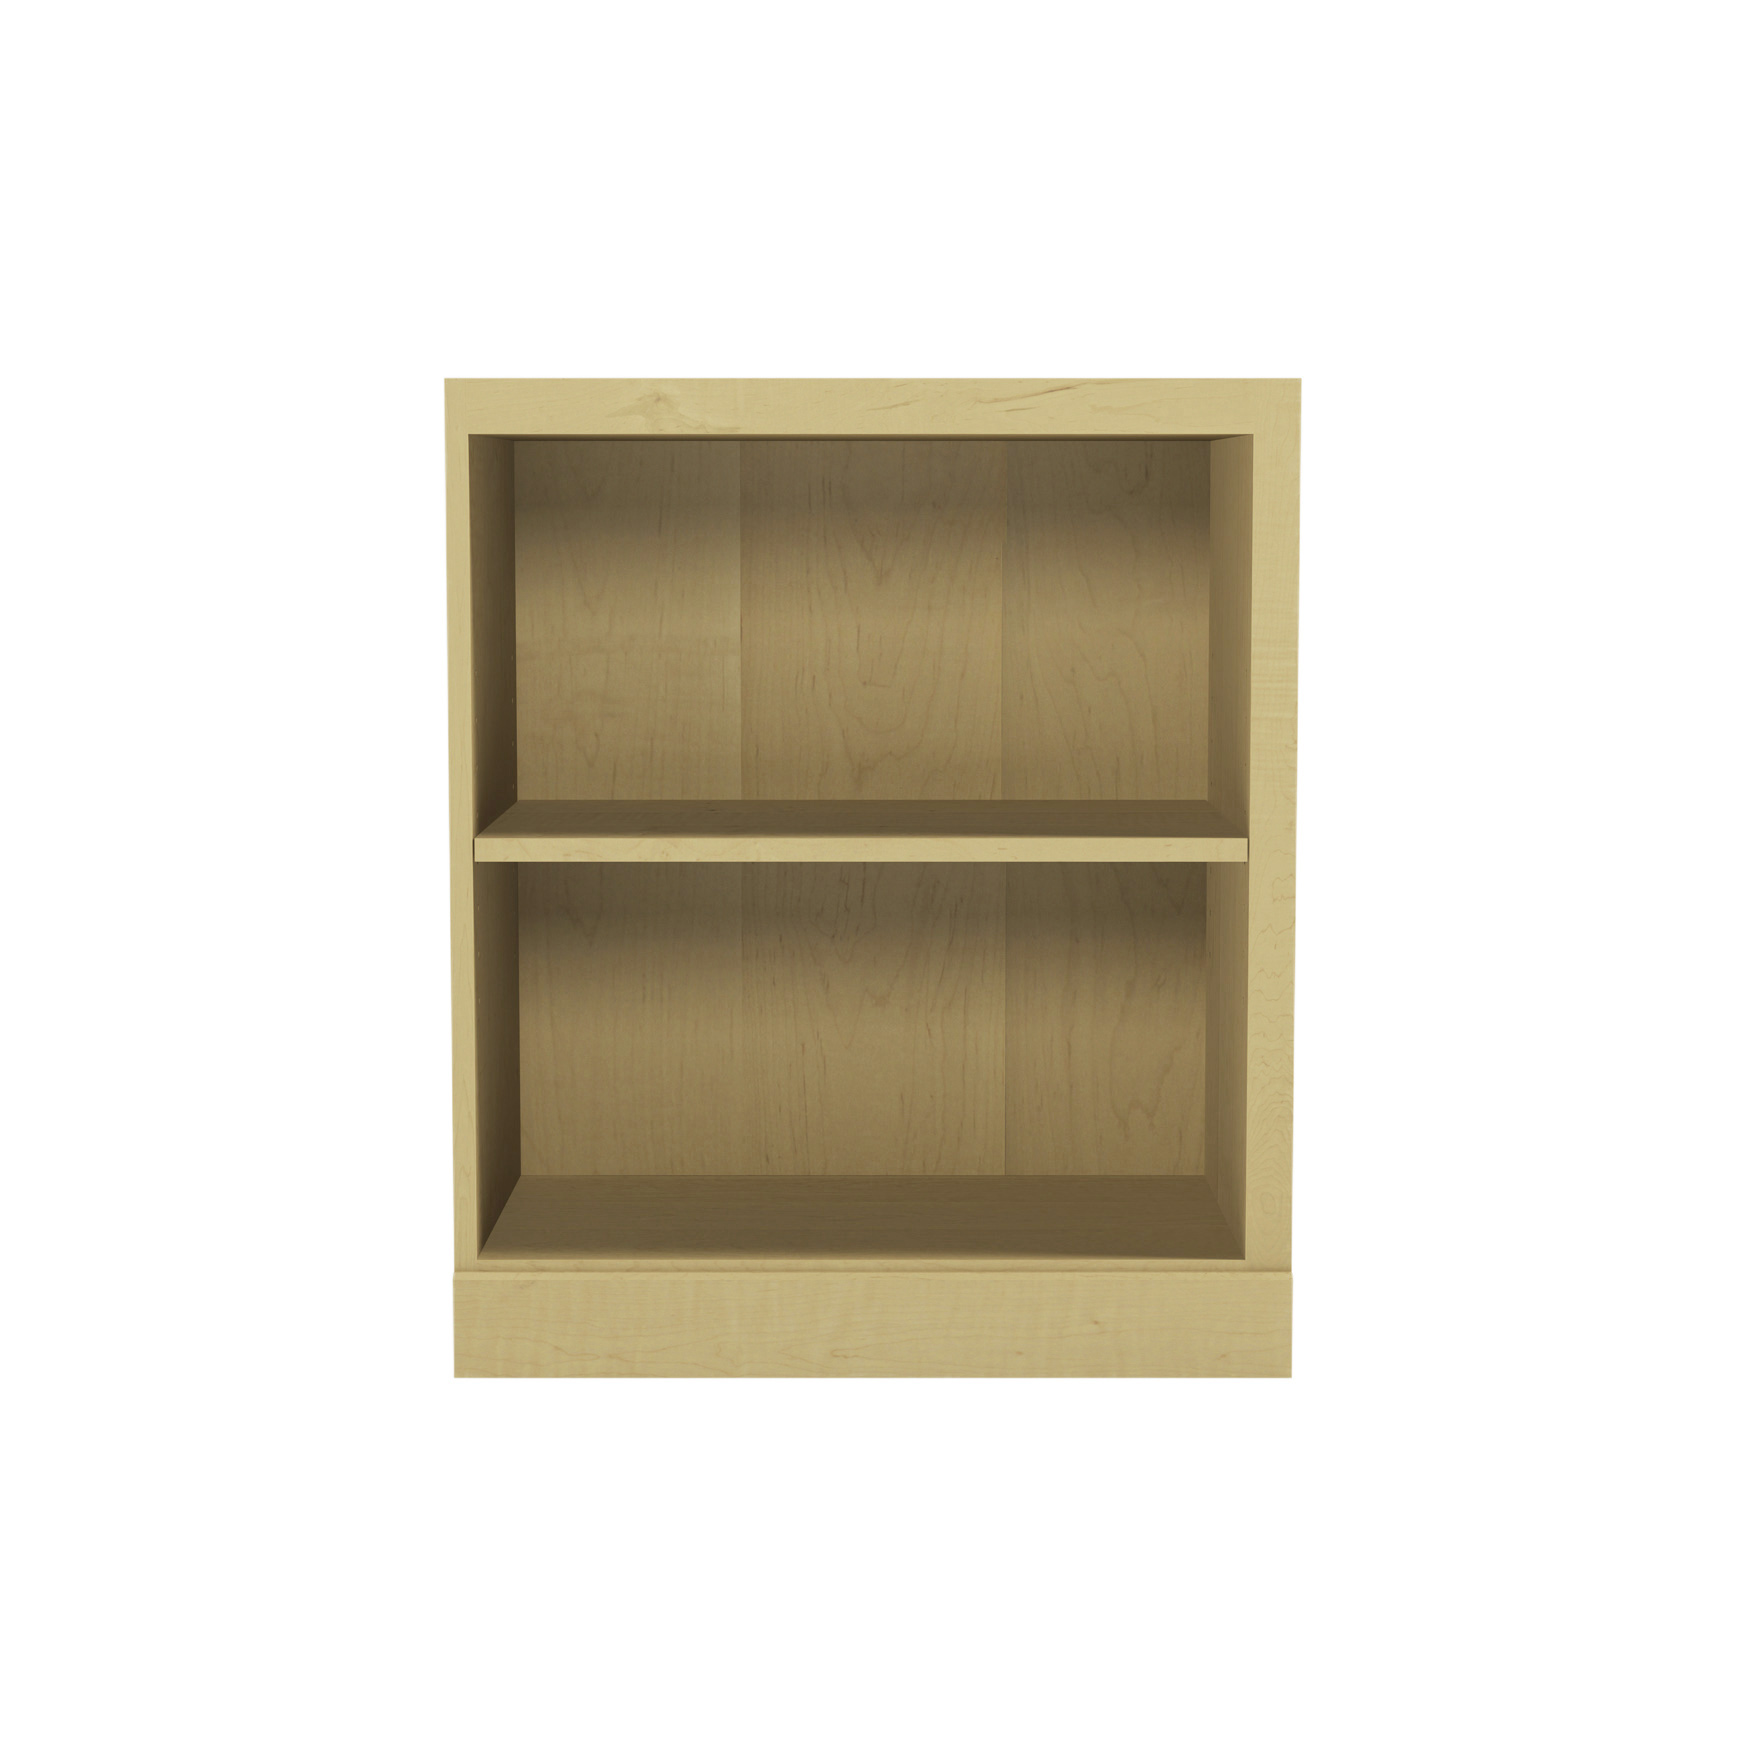 Flexmoderne 32″ In Height Deep Rightside Bookshelf